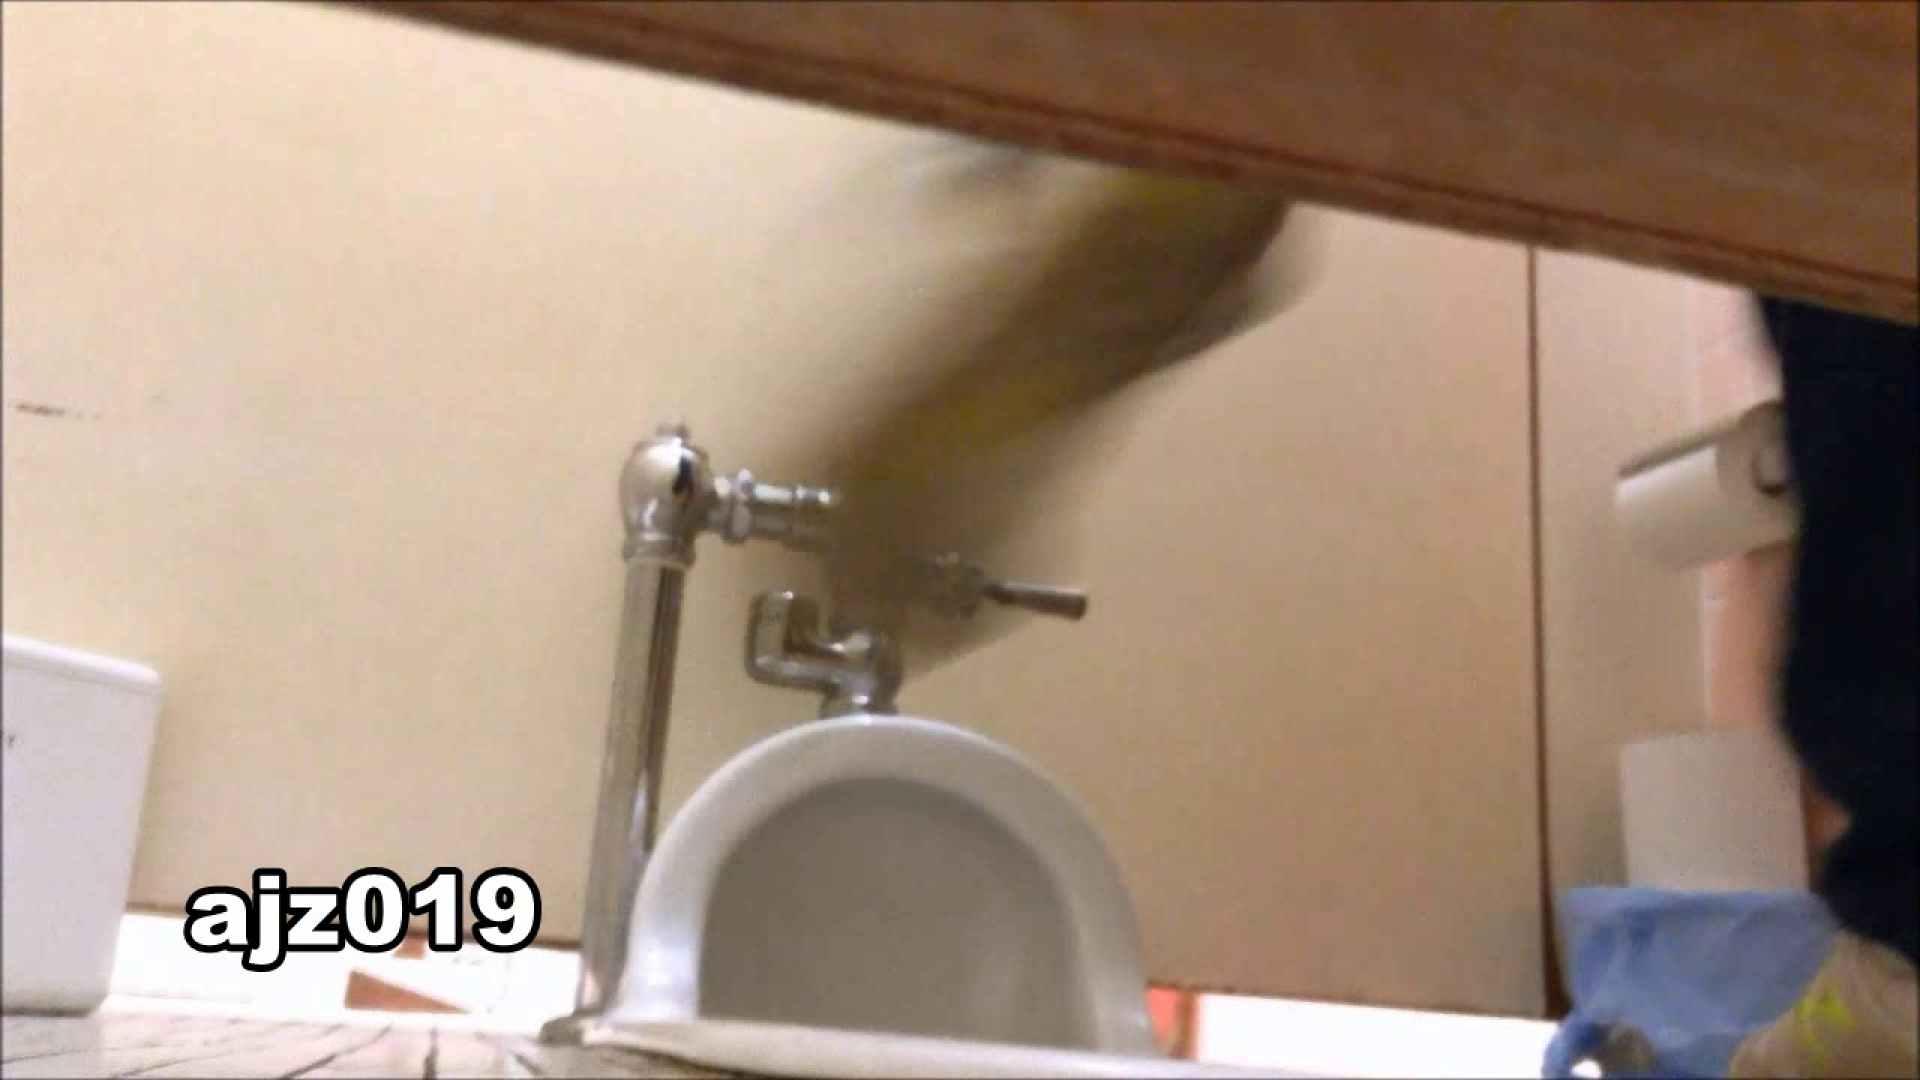 某有名大学女性洗面所 vol.19 洗面所 アダルト動画キャプチャ 82連発 31